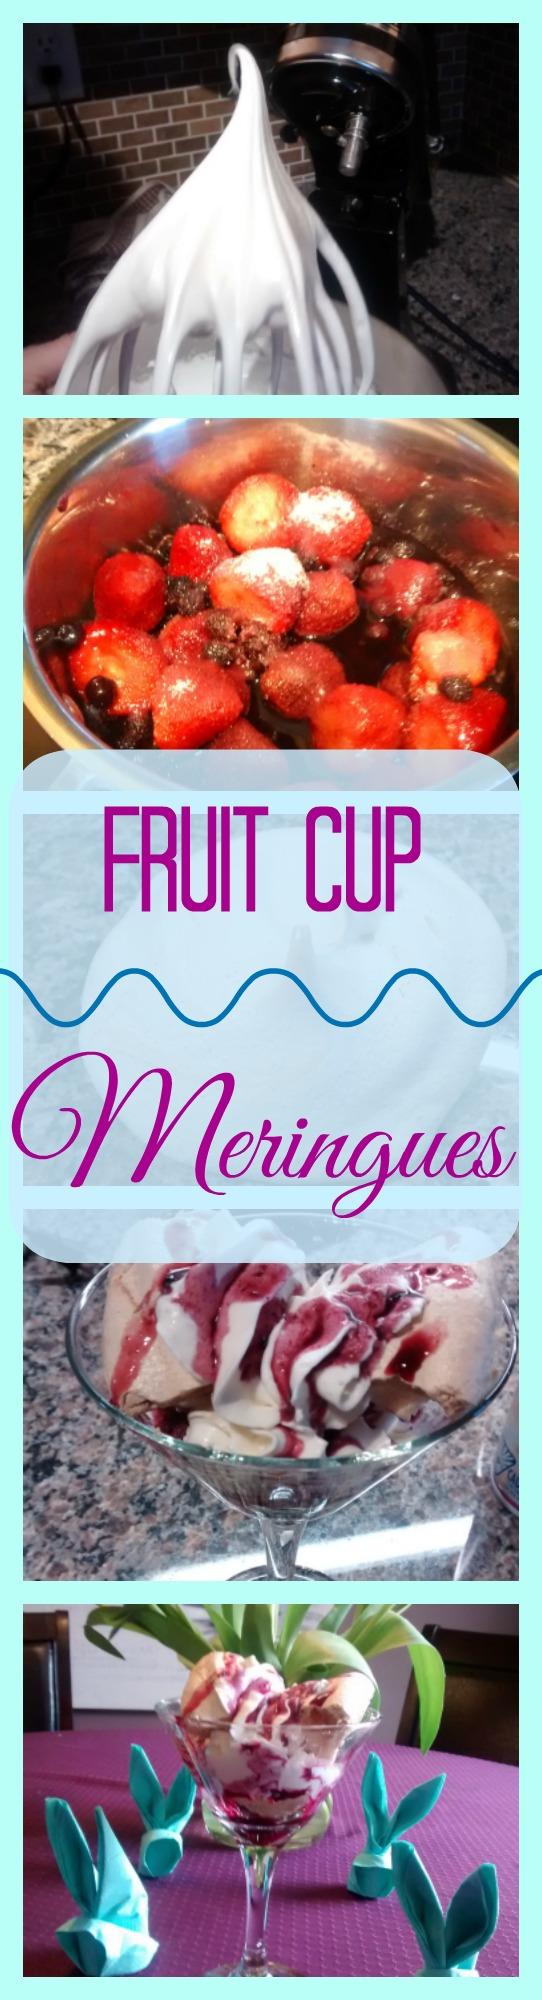 Fruit-Cup-Meringues